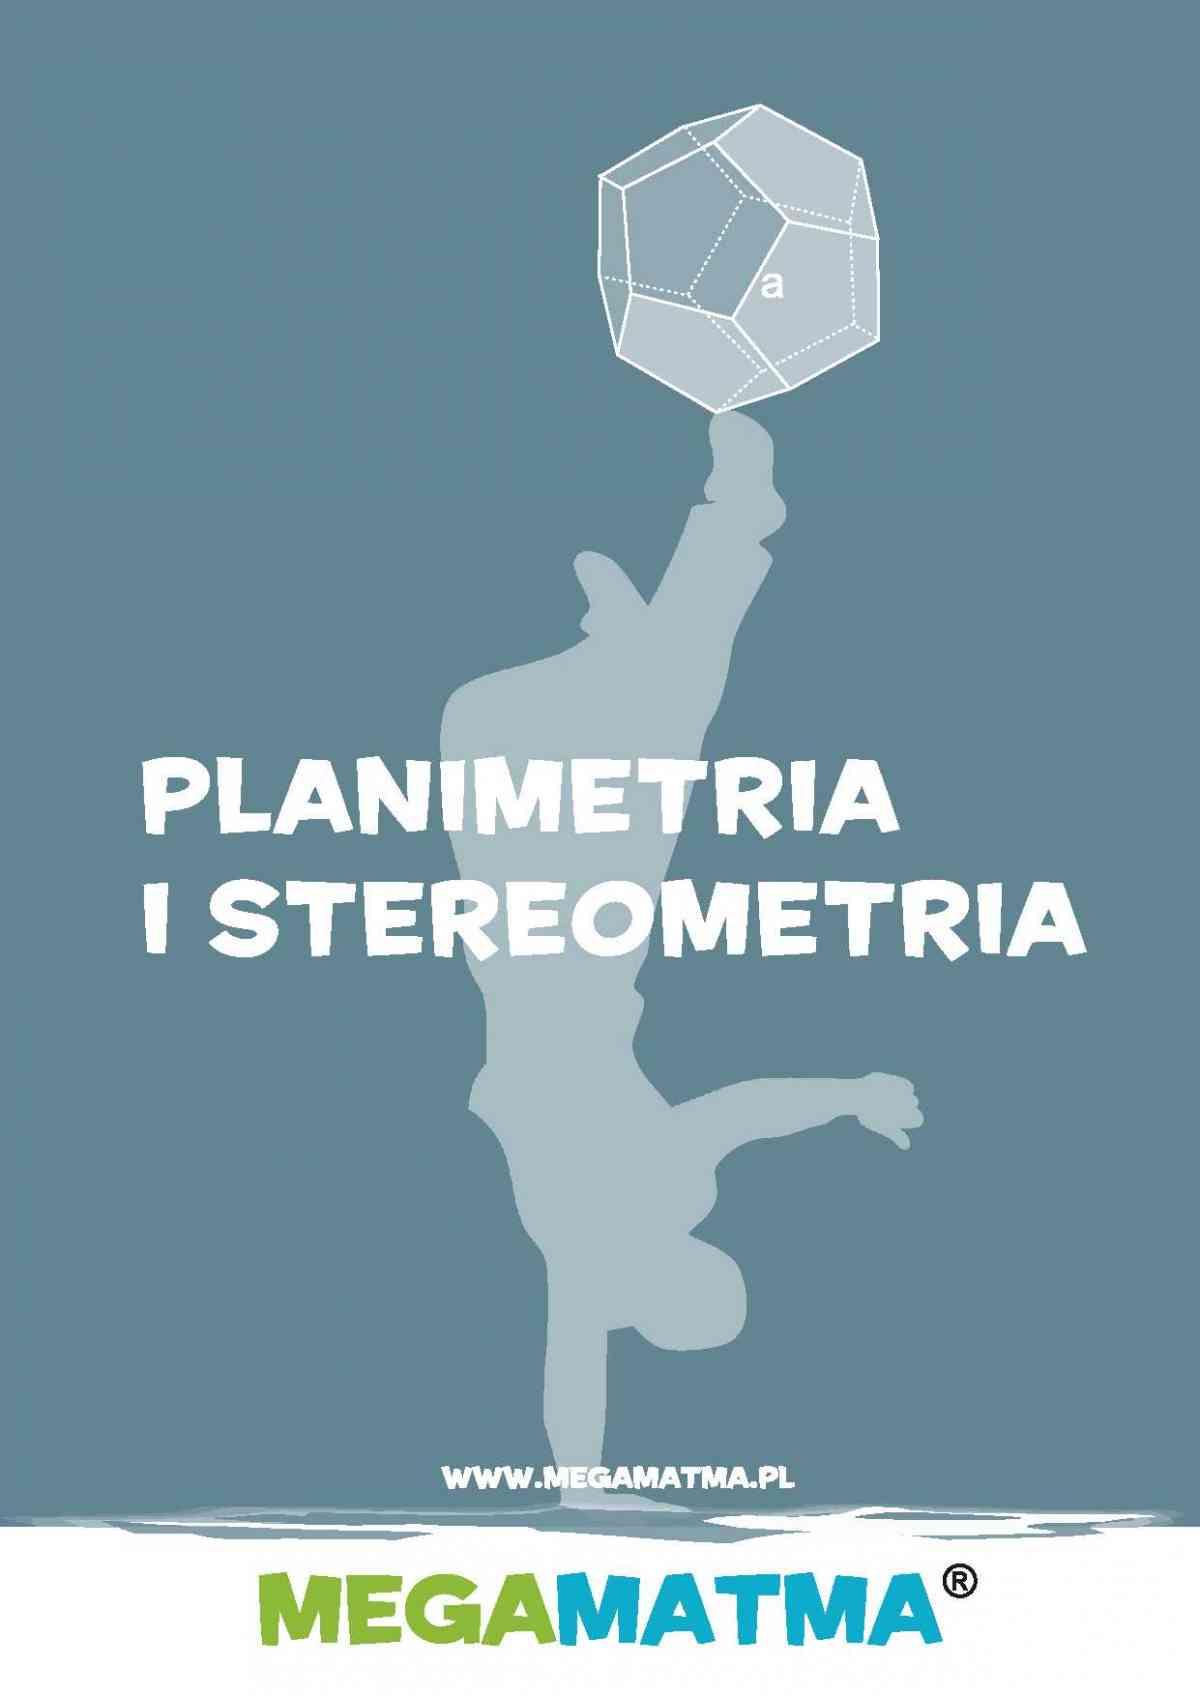 Matematyka-Planimetria, stereometria wg MegaMatma. - Ebook (Książka PDF) do pobrania w formacie PDF